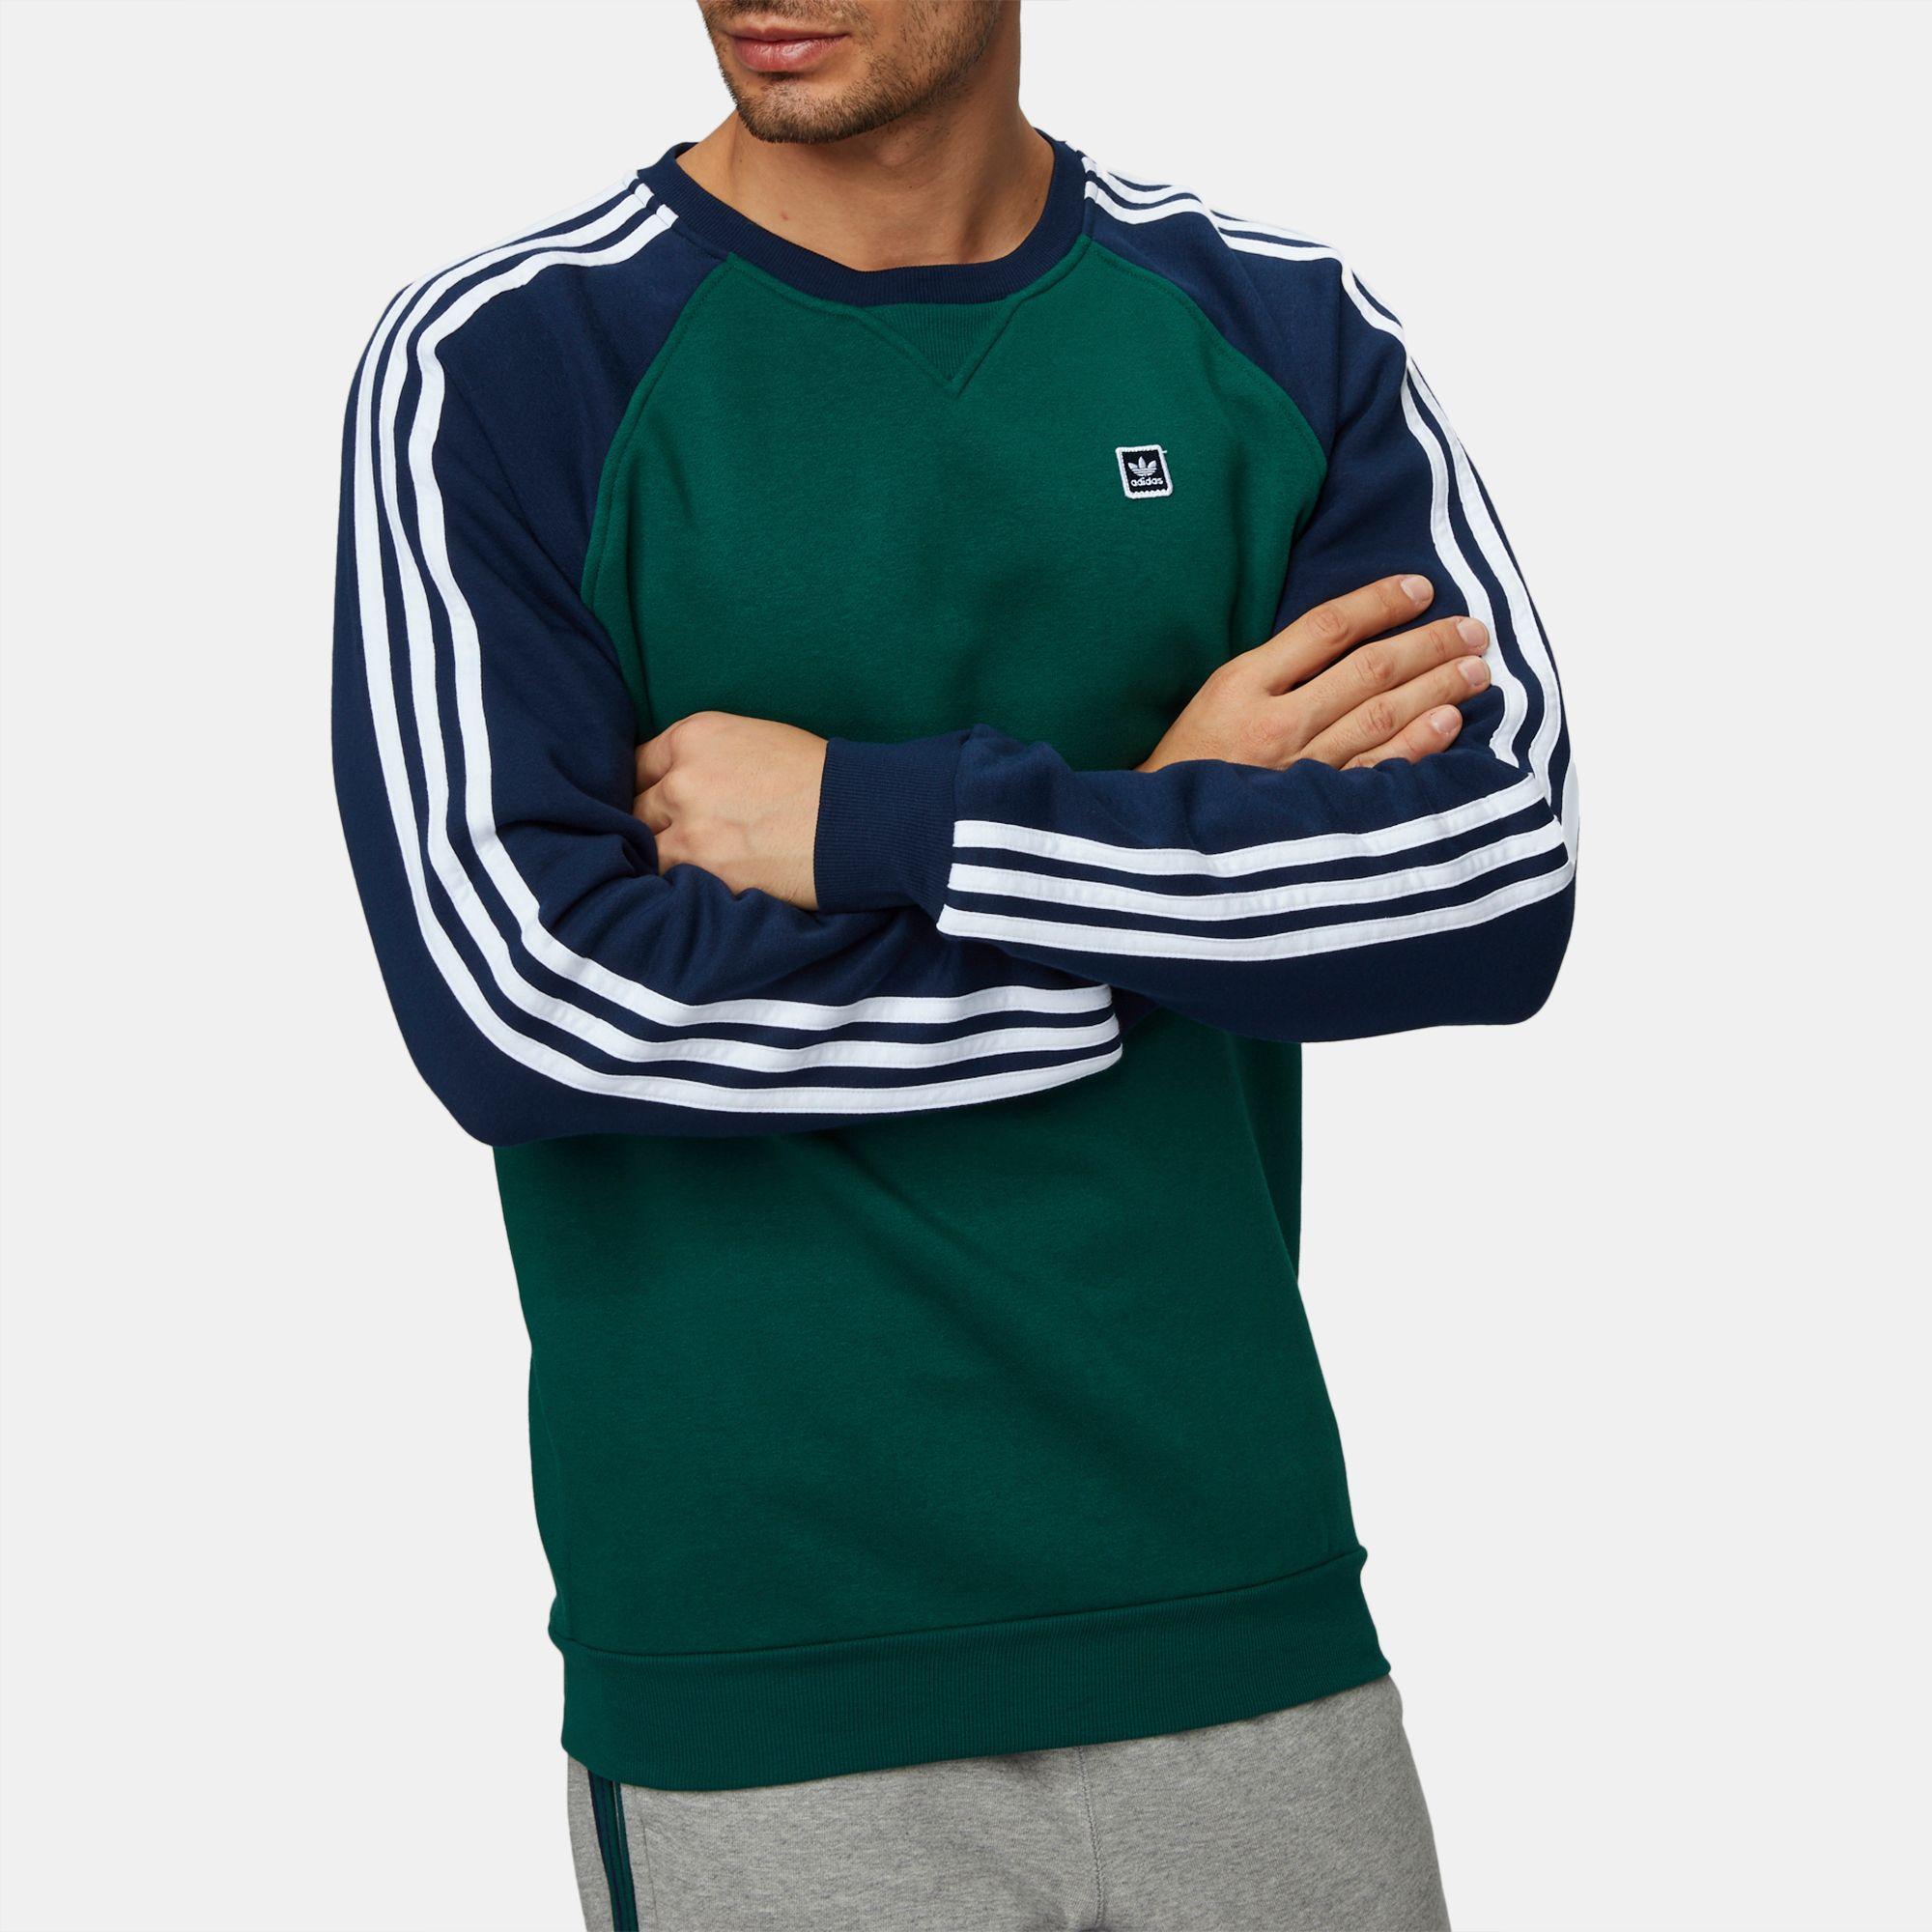 BySss Mens For Uniform Adidas Green Shop Sweatshirt vNwmn80O